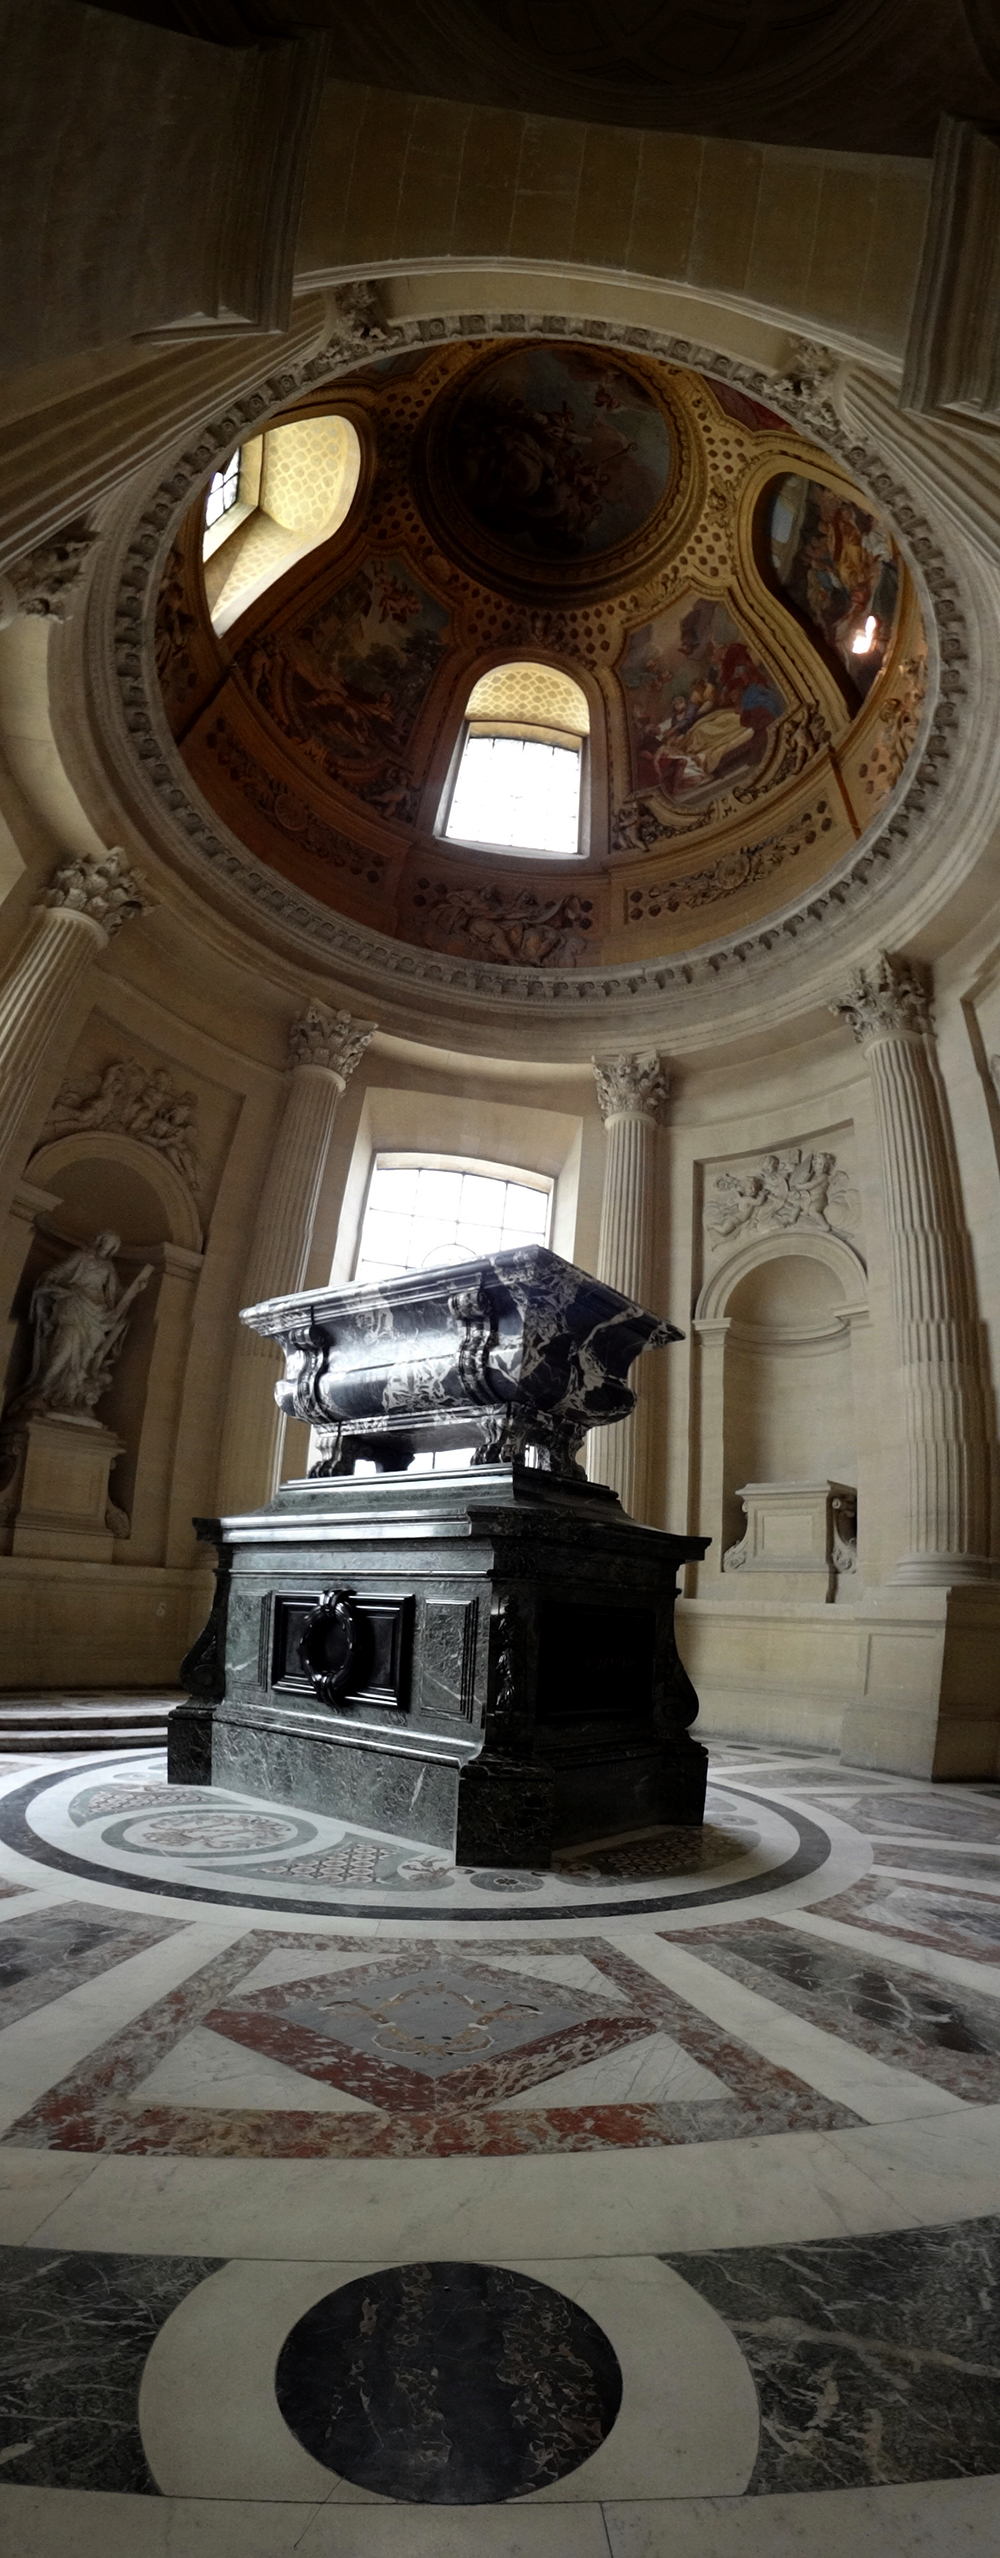 Napoleon's Tomb, Paris.